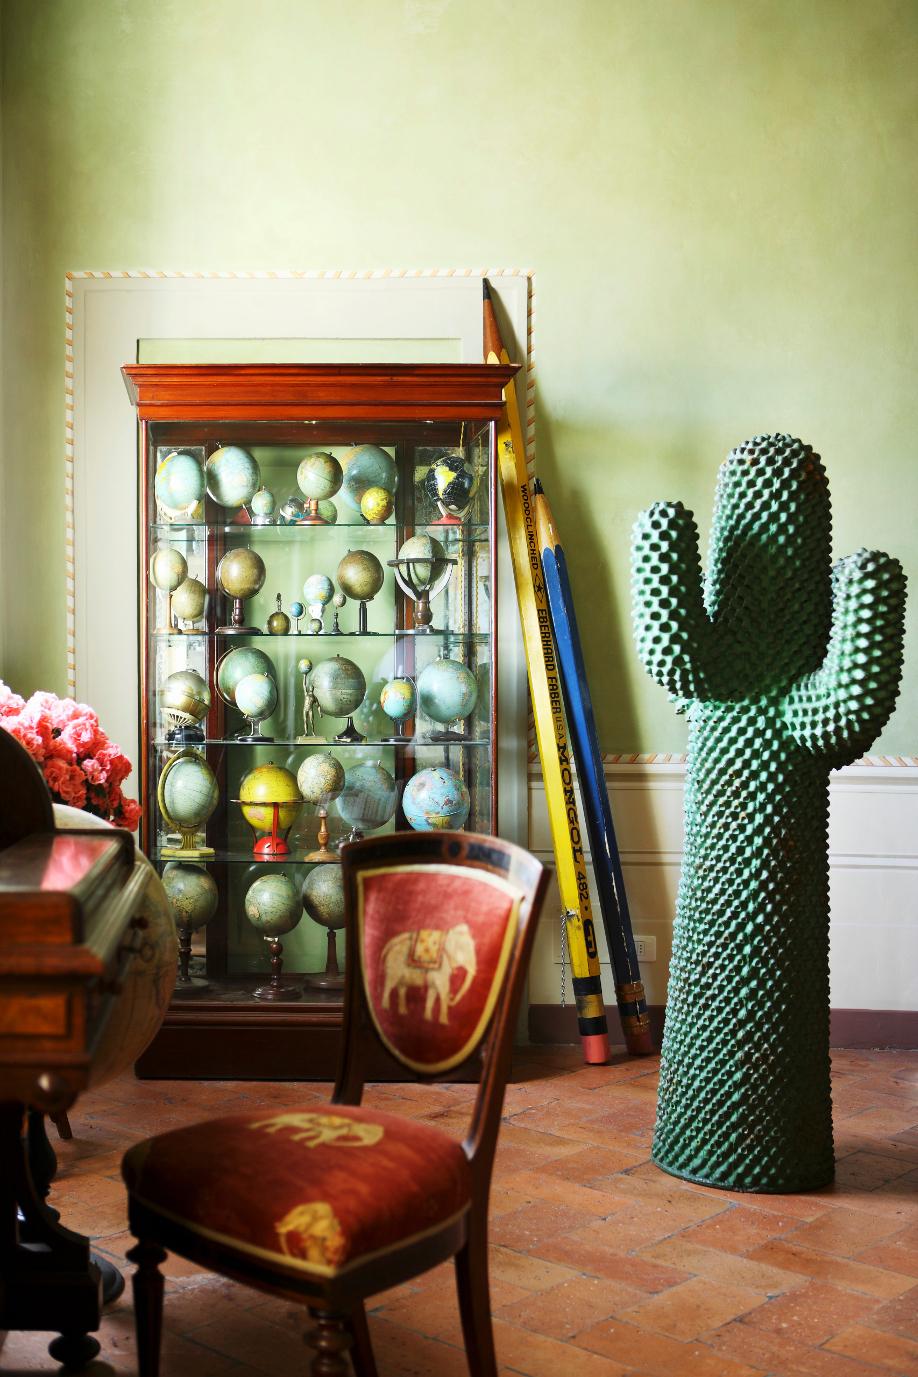 Casa originale, Casa, Idee per la casa, Idee, Decorazioni, Arte